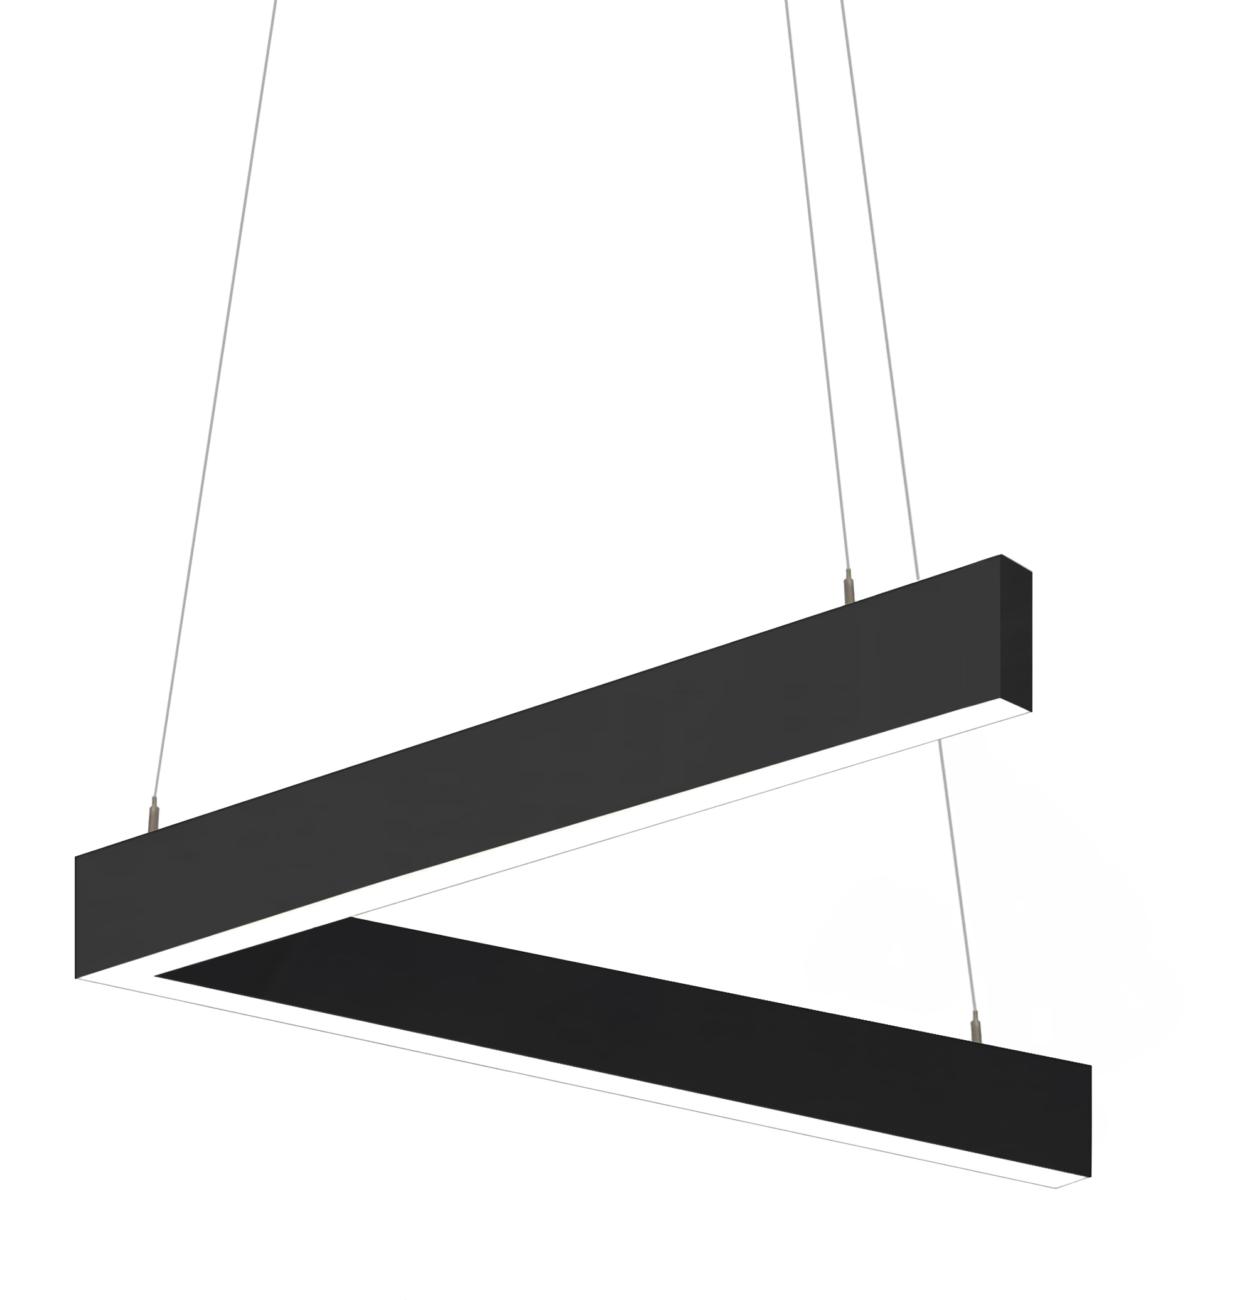 Светильник Style-3567. 1000×1000мм. 4000К/3000К. 34W/72W купить в Химках